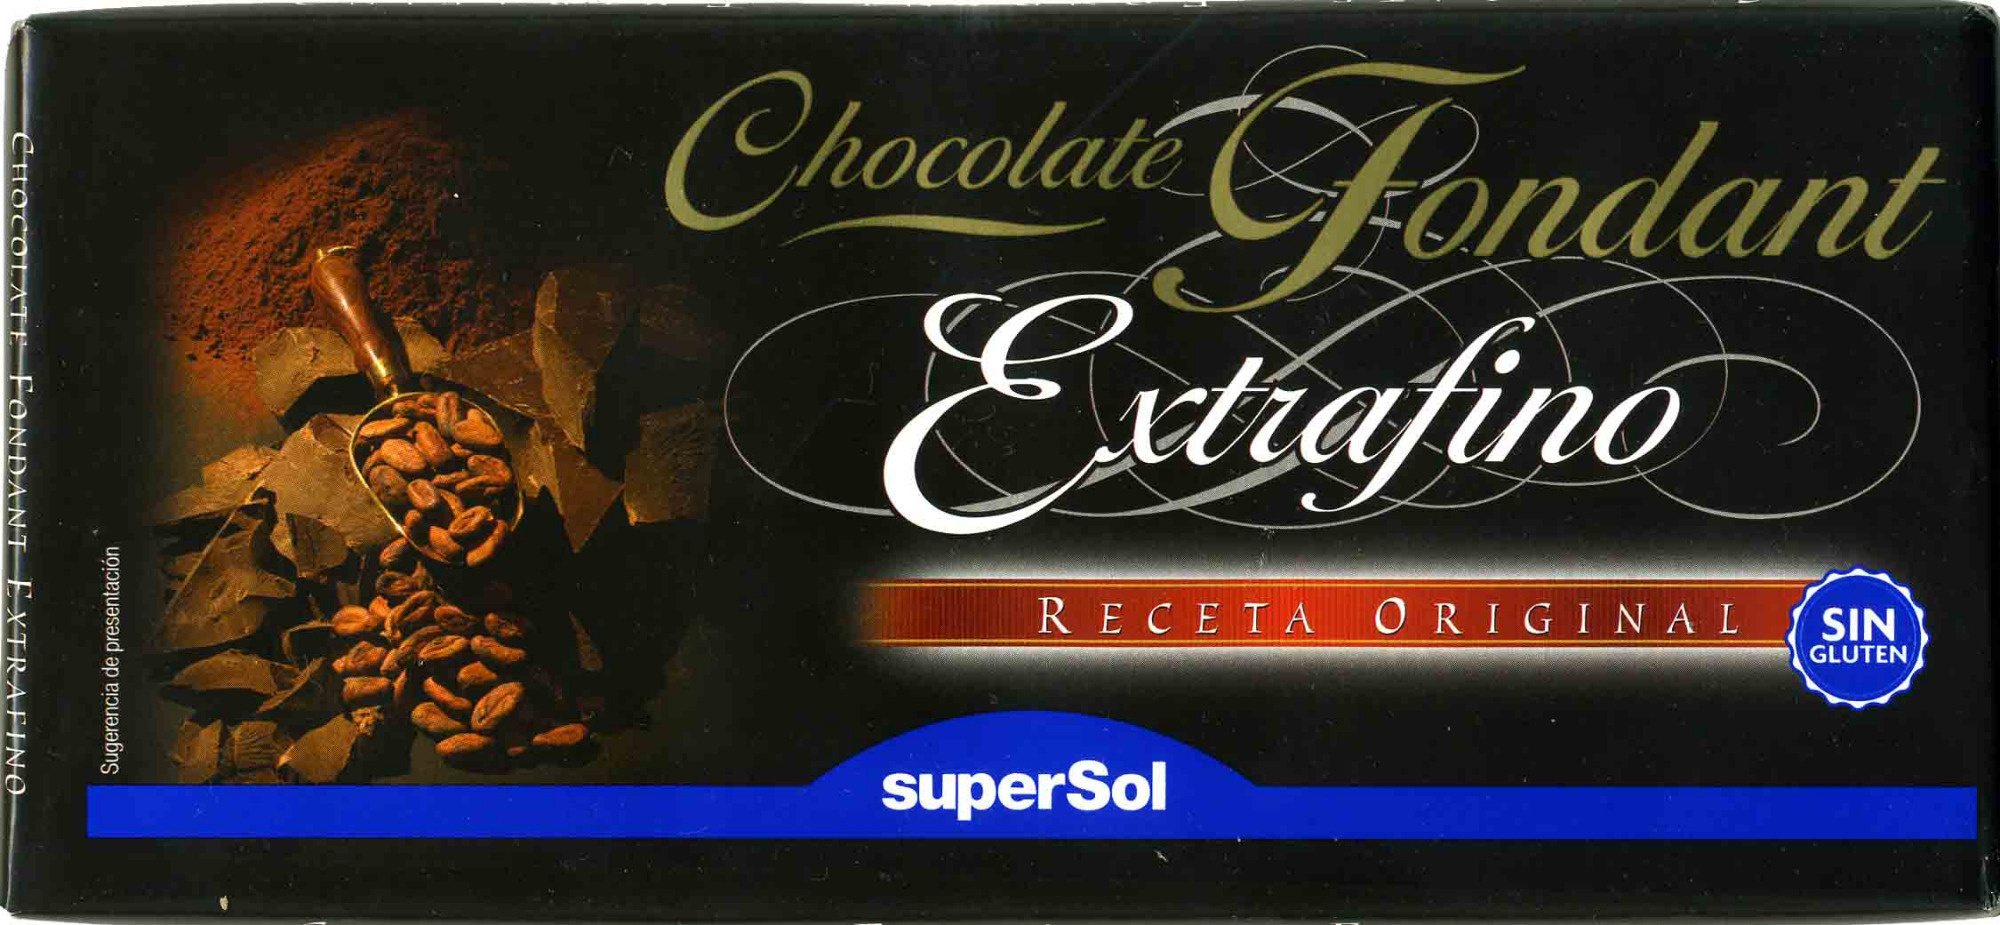 Chocolate fondant extrafino negro 48% cacao - Producto